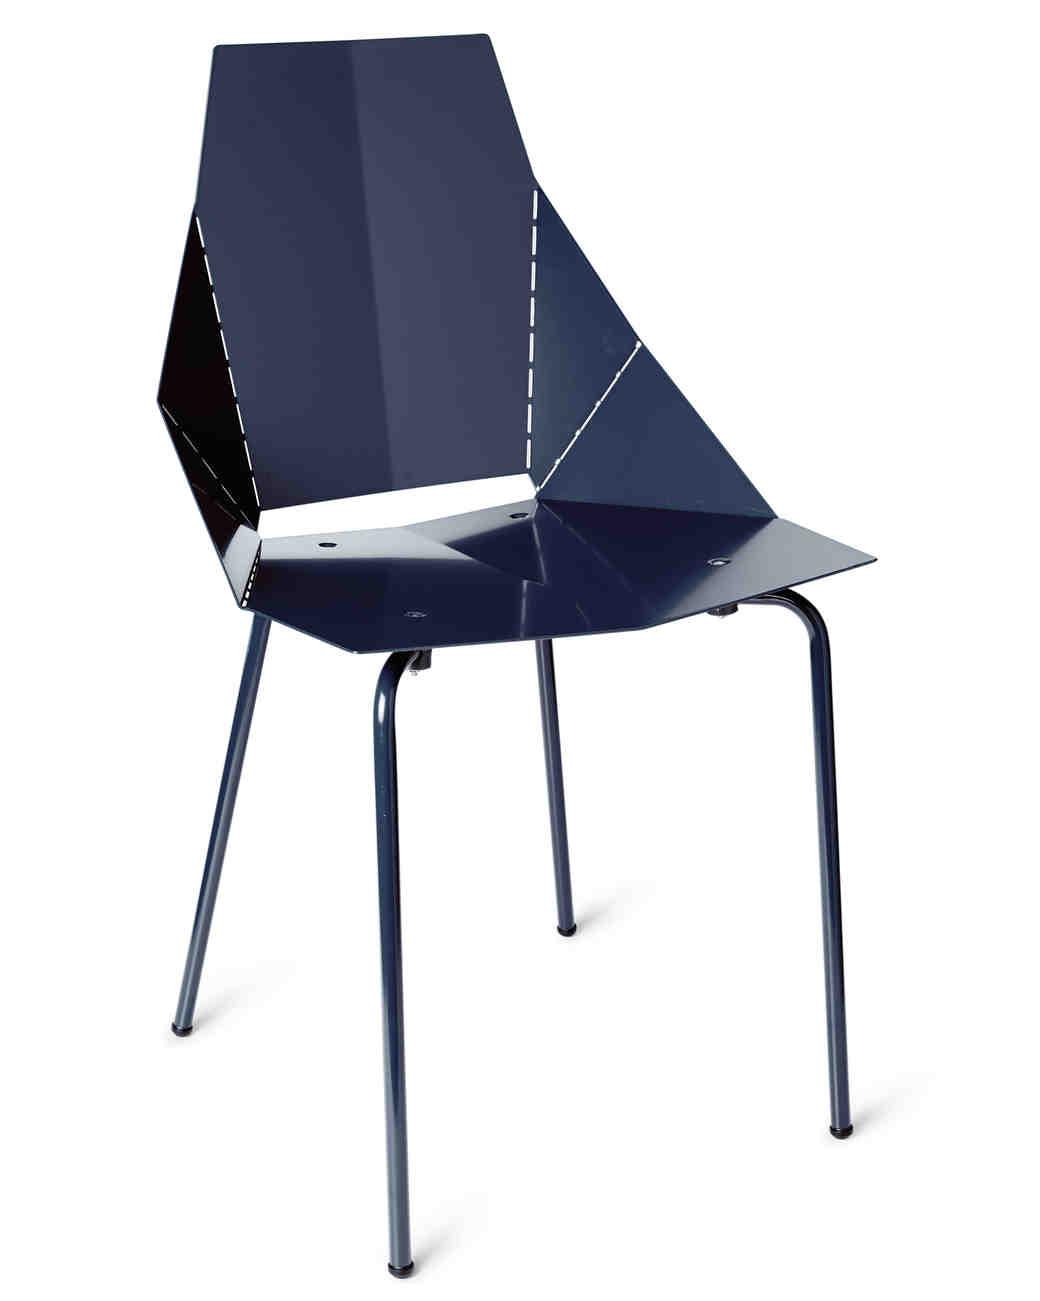 chair-014-d111592.jpg